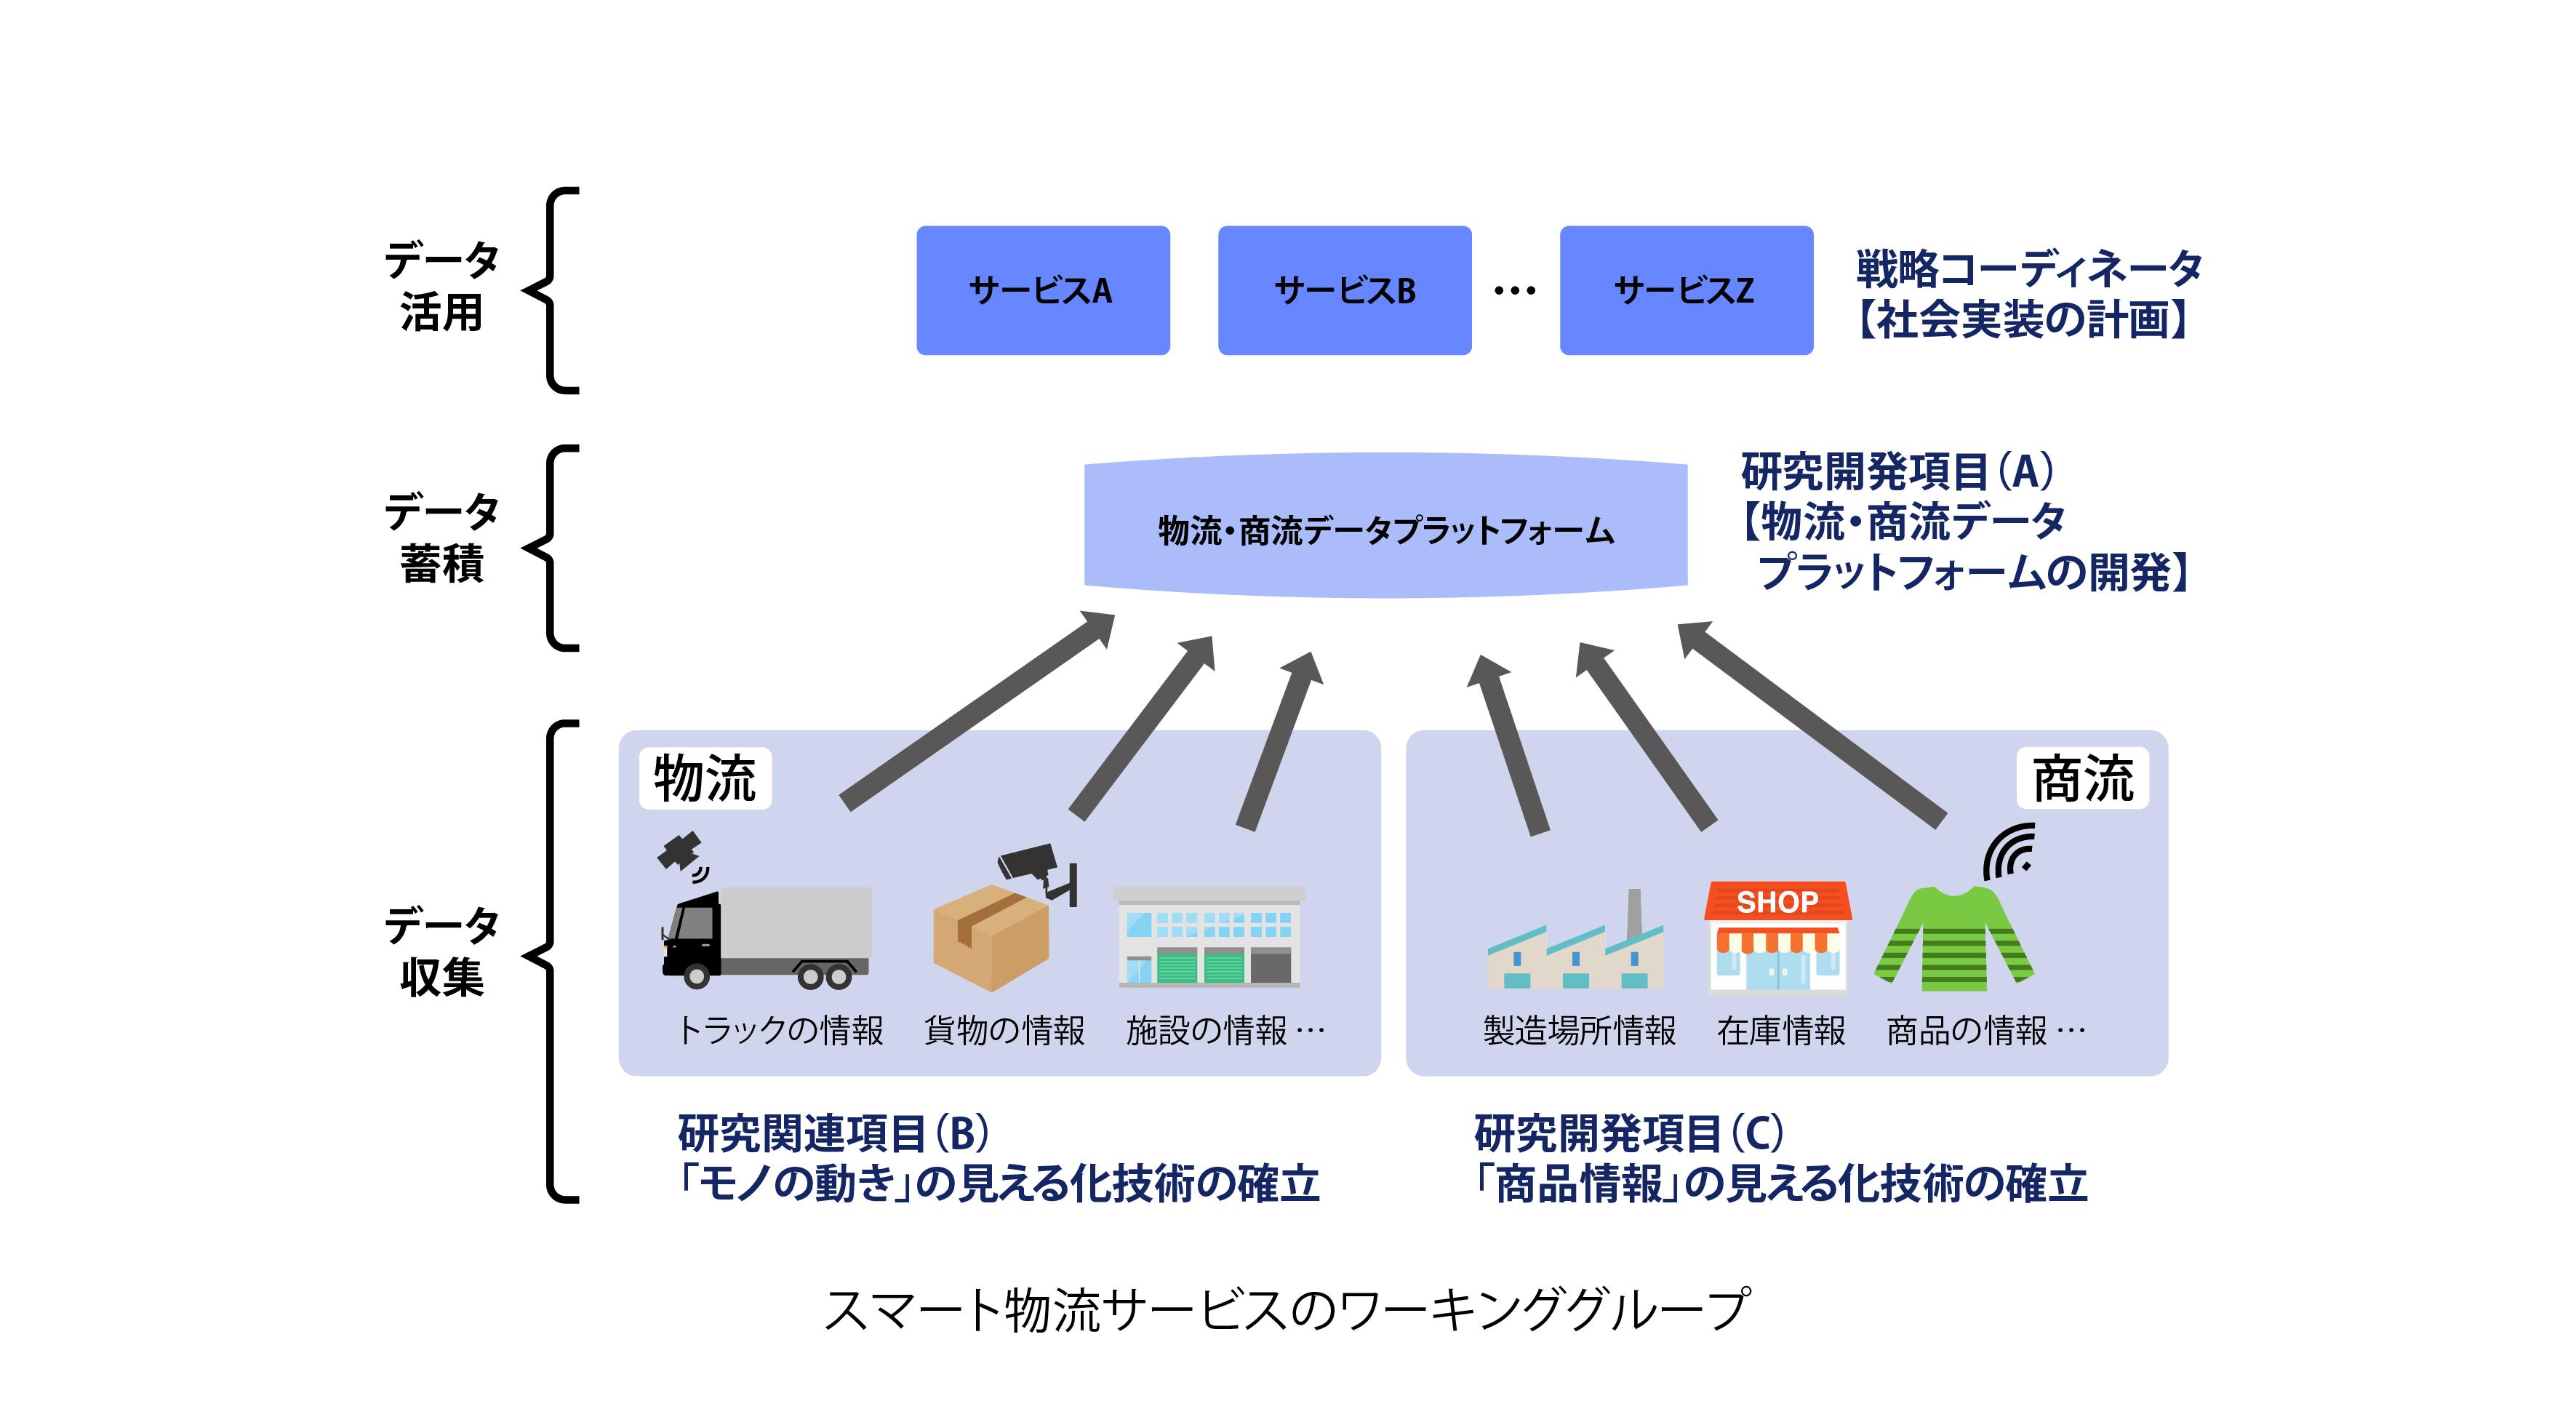 2-5スマート物流サービスのワーキンググループ